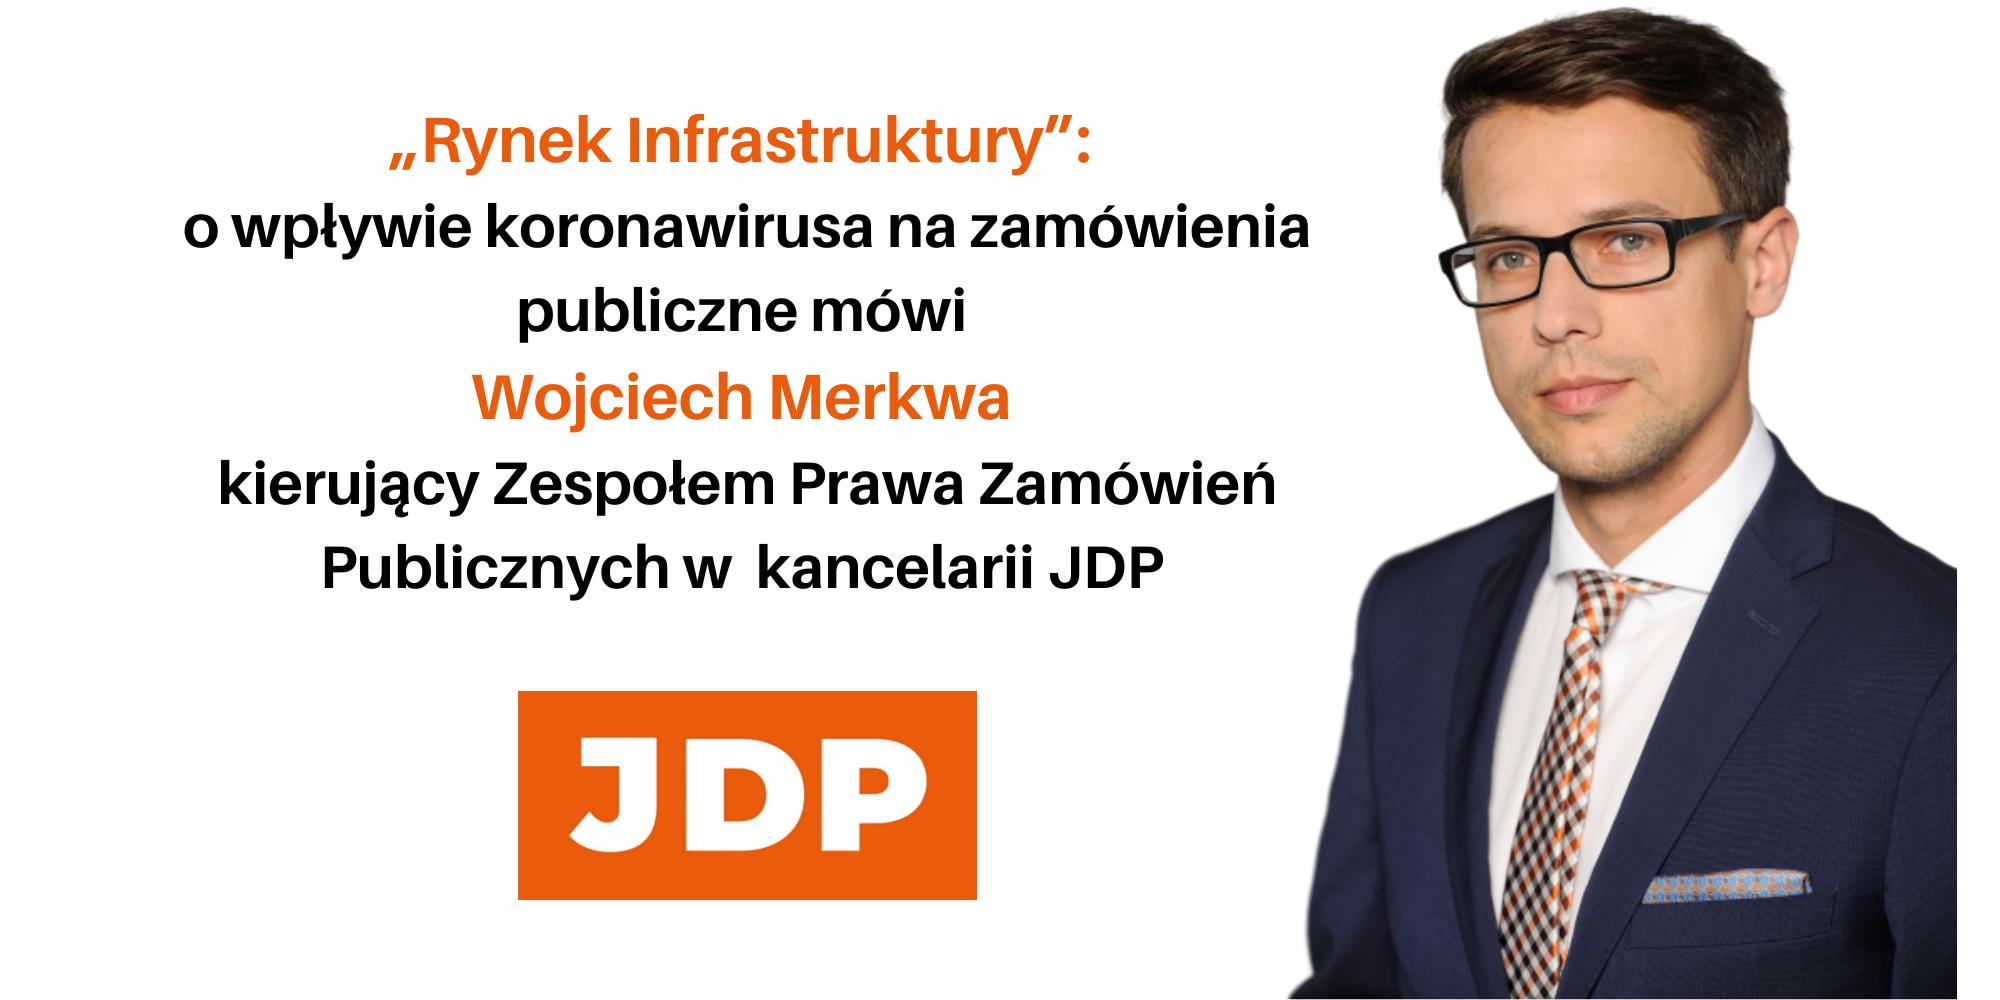 """Wojciech Merkwa dla """"Rynku Infrastruktury"""" o wpływie koronawirusa na zamówienia publiczne"""